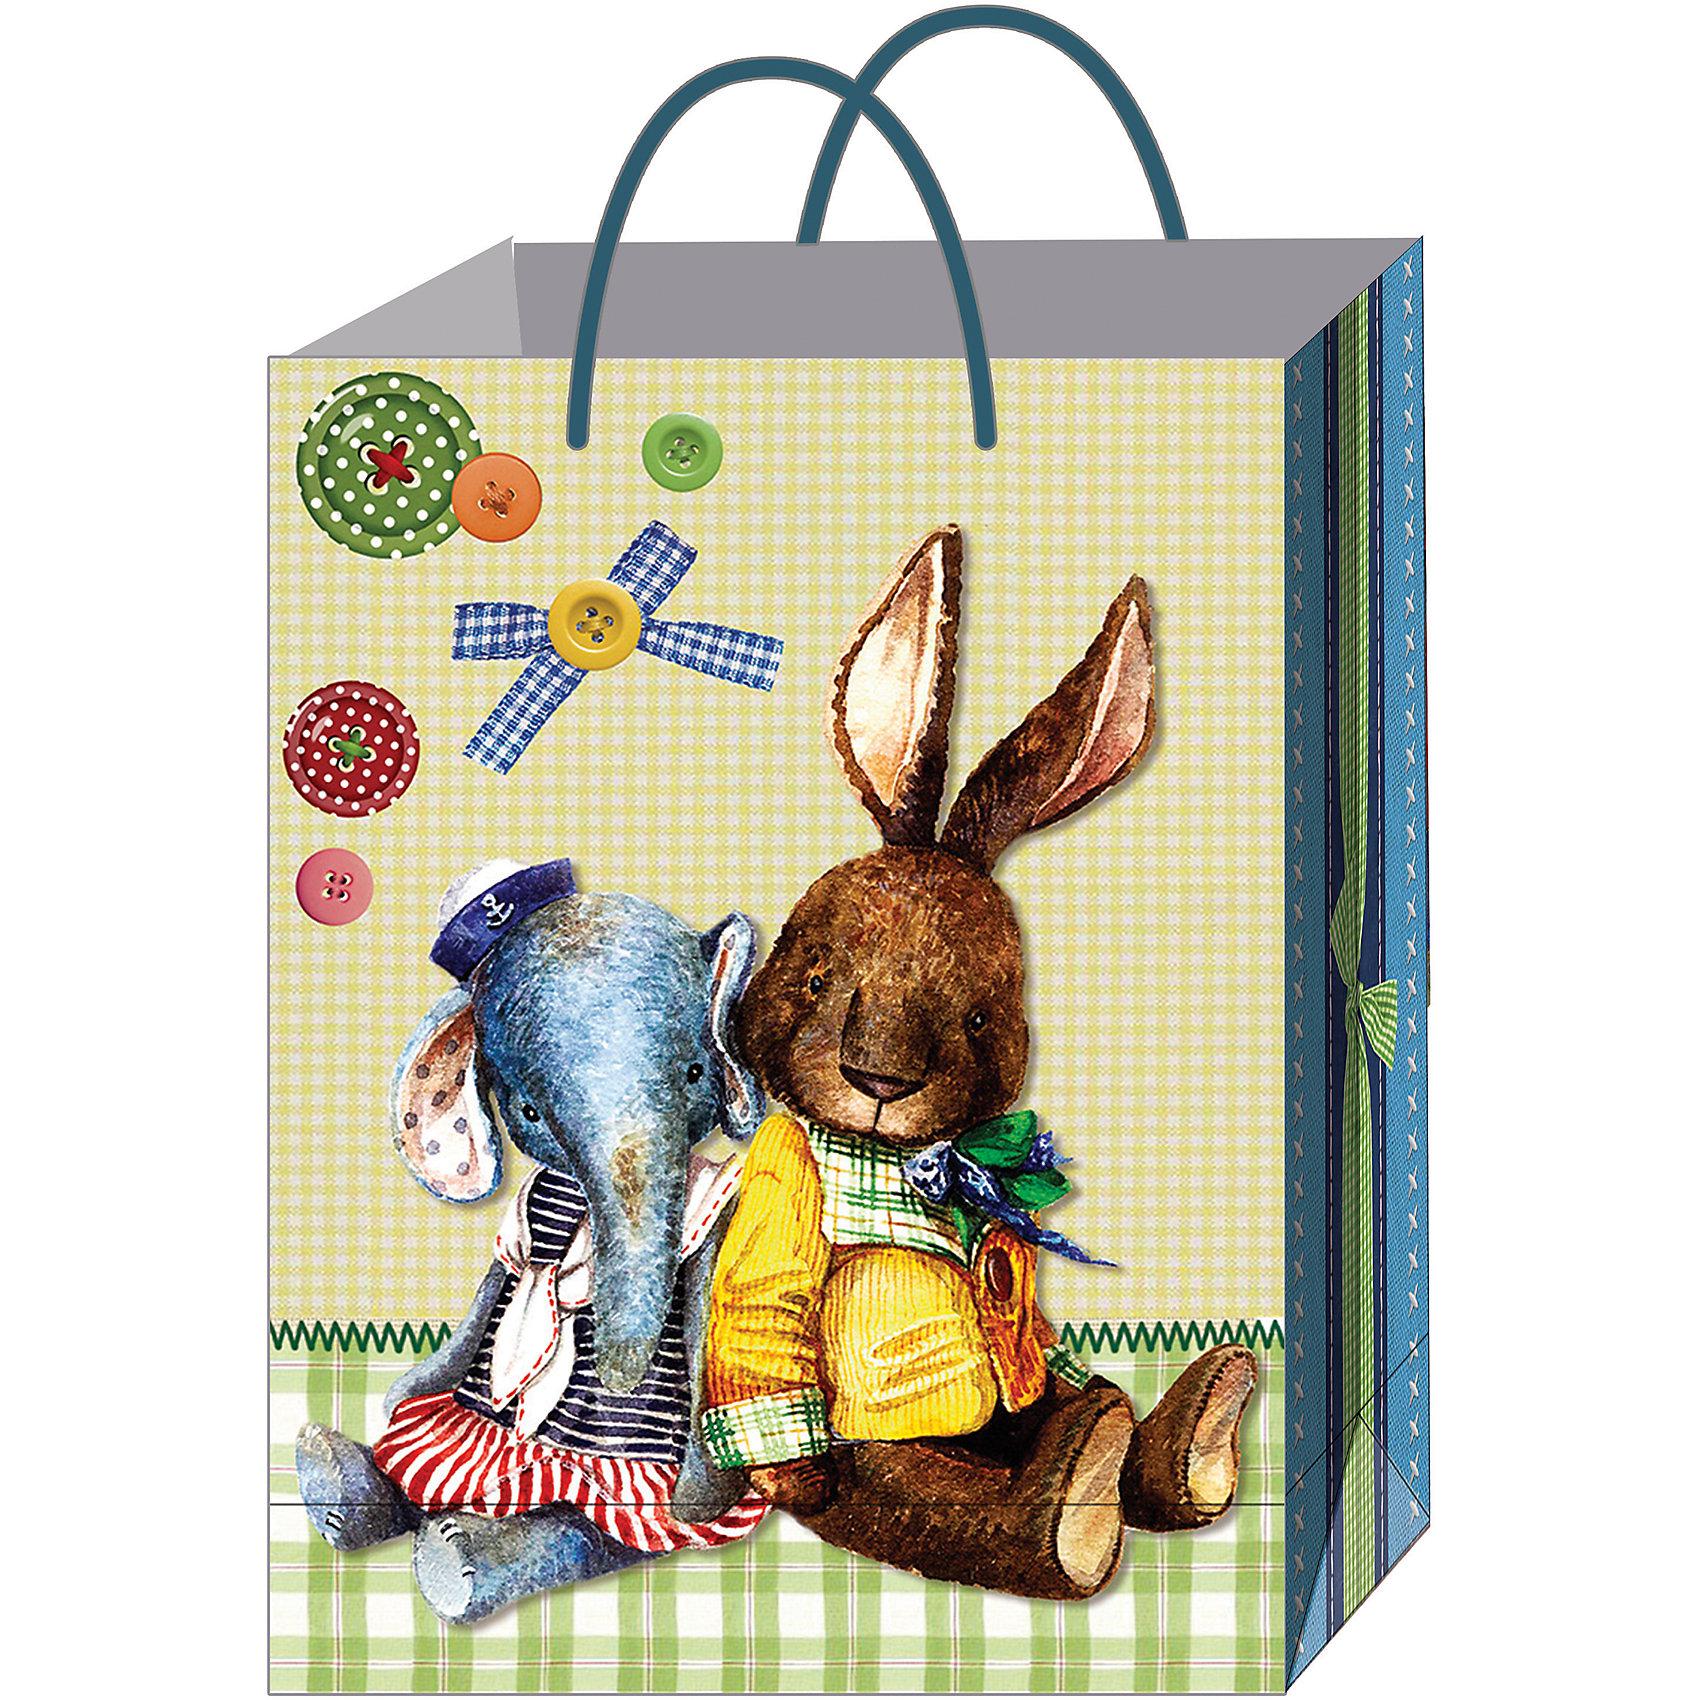 Подарочный пакет Любимые игрушки 48,3*17,8*63 смКрасиво упакованный подарок приятно получать вдвойне! Прочный красивый бумажный пакет станет прекрасным дополнением к подарку.<br><br>Дополнительная информация:<br><br>- Материал: бумага (плотность бумаги 250 г/м2).<br>- Размер: 48,3х17,8х63 cм.<br>- Ширина основания: 48,3 см.<br>- Эффект: ламинация.<br><br>Подарочный пакет Любимые игрушки 48,3х17,8х63, можно купить в нашем магазине.<br><br>Ширина мм: 483<br>Глубина мм: 178<br>Высота мм: 630<br>Вес г: 100<br>Возраст от месяцев: 36<br>Возраст до месяцев: 2147483647<br>Пол: Женский<br>Возраст: Детский<br>SKU: 4548406